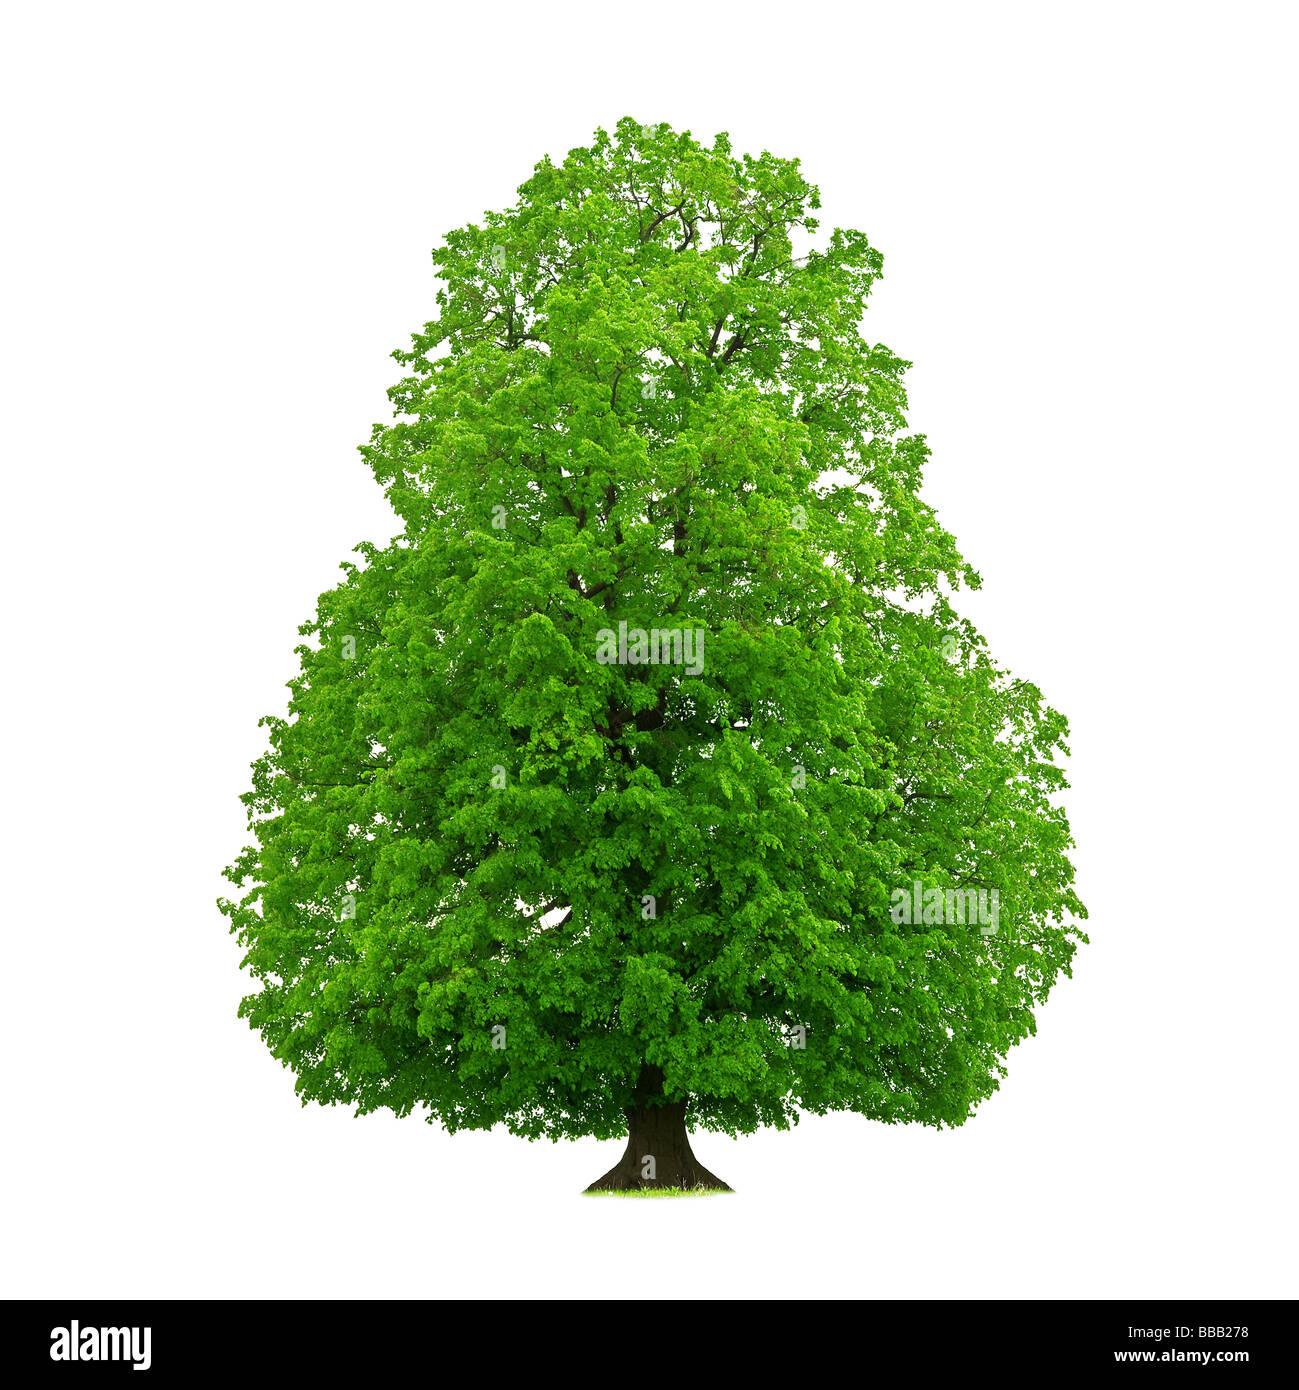 tree isolated on white - Stock Image